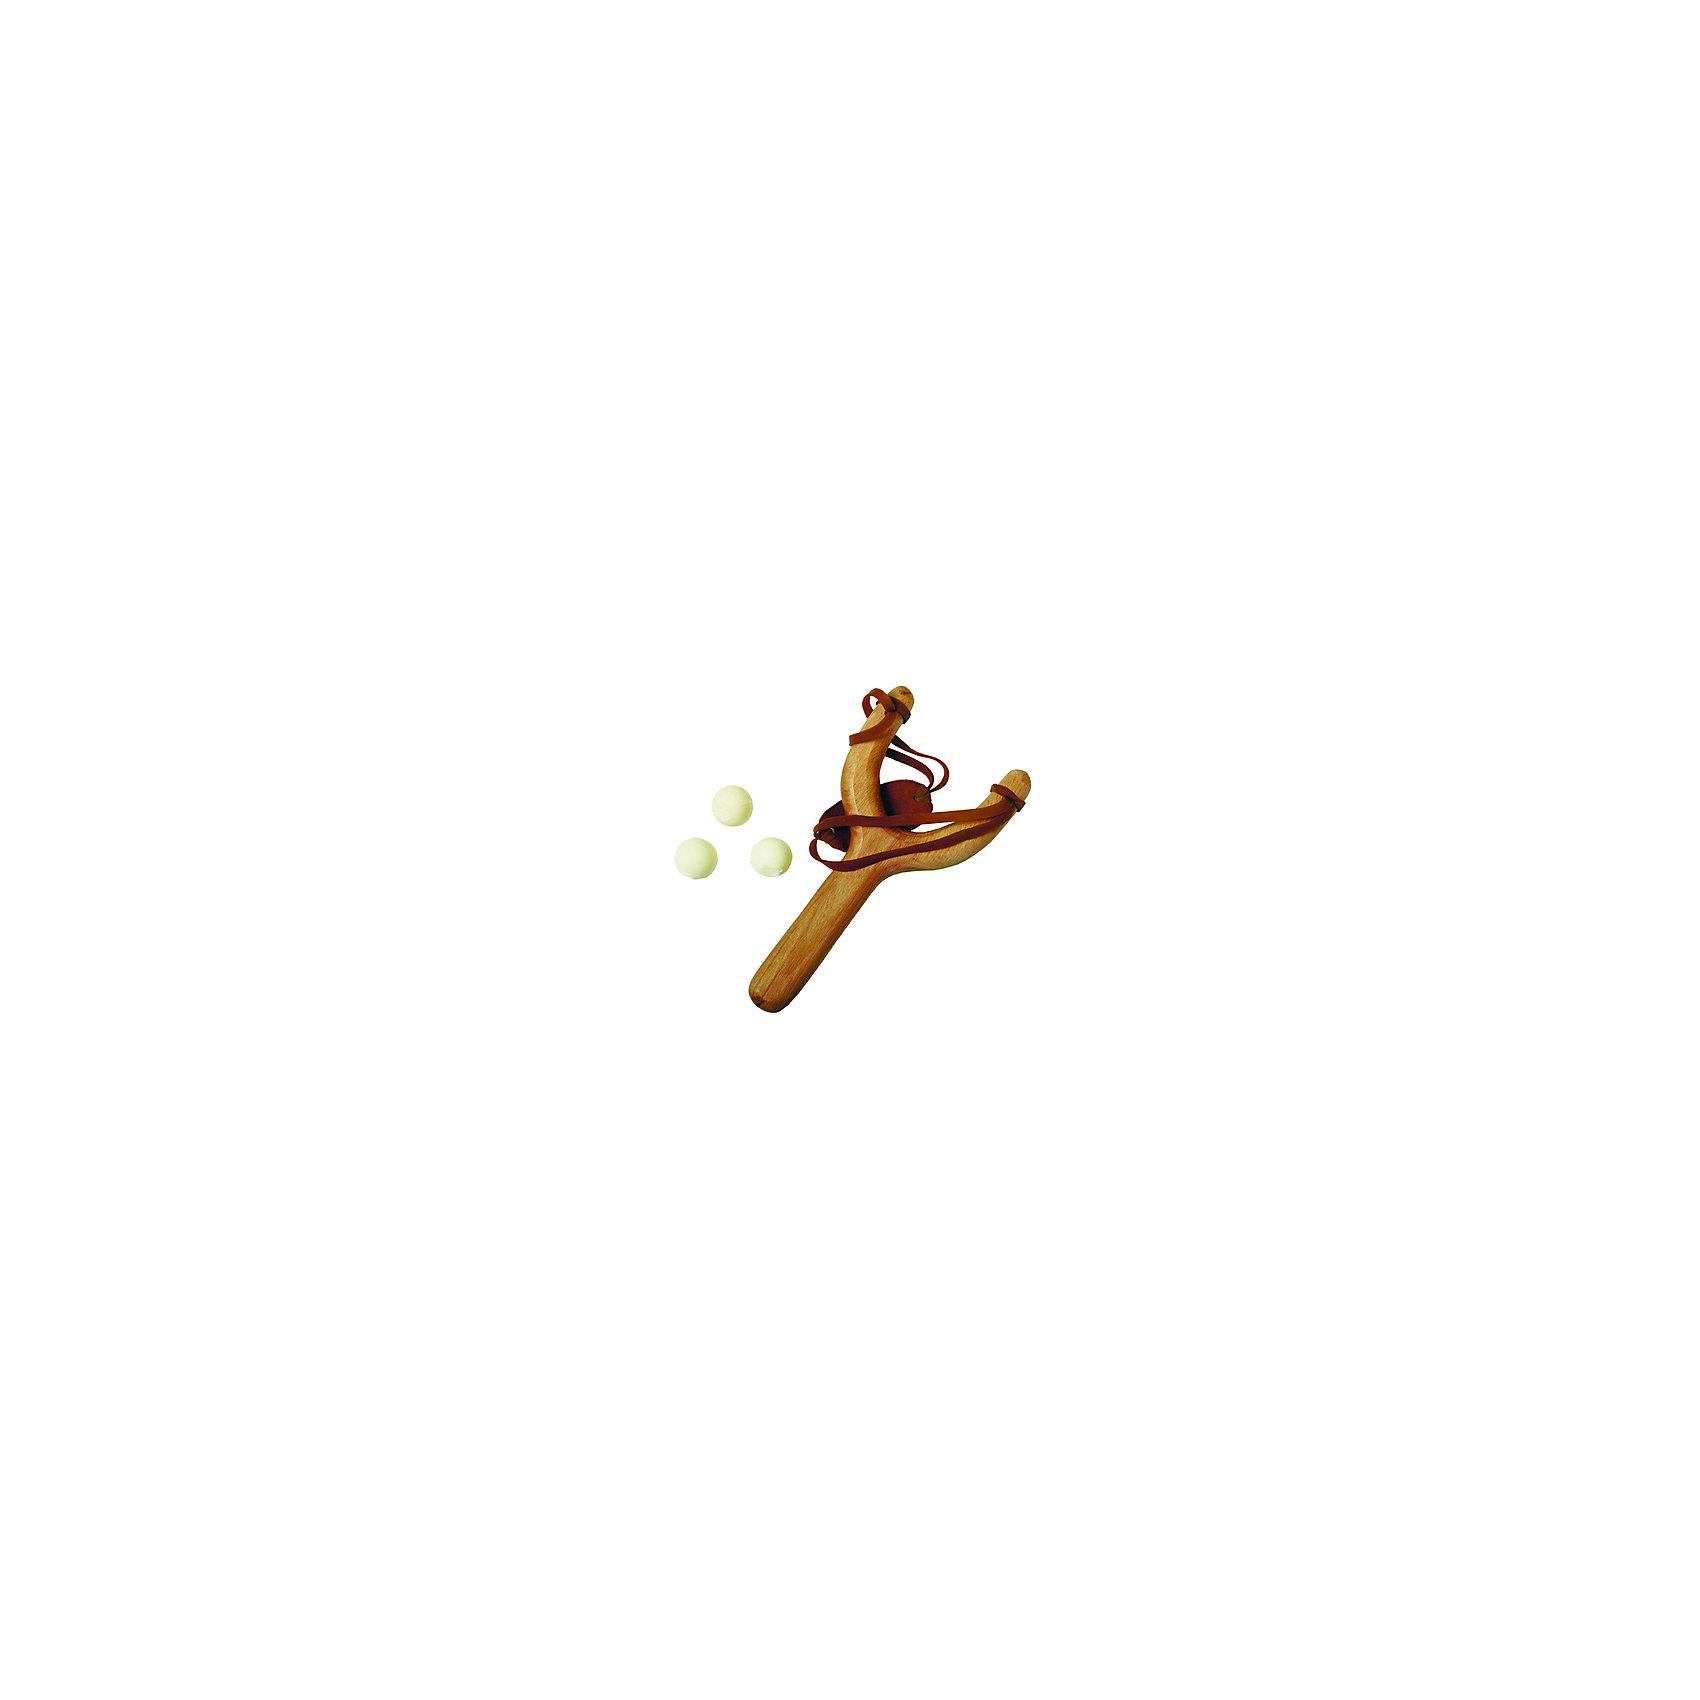 Рогатка с 3-мя шарикамиИгрушечное оружие<br>Рогатка с 3-мя шариками выглядит совсем как у настоящих стрелков! Рогатка сделана из экологически чистых материалов компанией ЯиГрушка, специализирующейся на деревянном игрушечном оружии для детей. Игрушка поможет развить воображение и придумать много сюжетных игр. Также это поможет ребенку узнать больше о древнерусской культуре. В набор входит рогатка и три пластиковых шарика.<br>Дополнительная информация:<br>- Материал: дерево, резина, пластик<br>- размер упаковки: 21,5 * 2 * 14 см<br>- Вес: 200 г.<br><br>Рогатку с 3-мя шариками можно купить в нашем интернет-магазине.<br><br>Подробнее:<br>• Для детей в возрасте: от 4 лет<br>• Номер товара: 4918384<br>Страна производитель: Китай<br><br>Ширина мм: 140<br>Глубина мм: 215<br>Высота мм: 20<br>Вес г: 200<br>Возраст от месяцев: 48<br>Возраст до месяцев: 120<br>Пол: Мужской<br>Возраст: Детский<br>SKU: 4918384